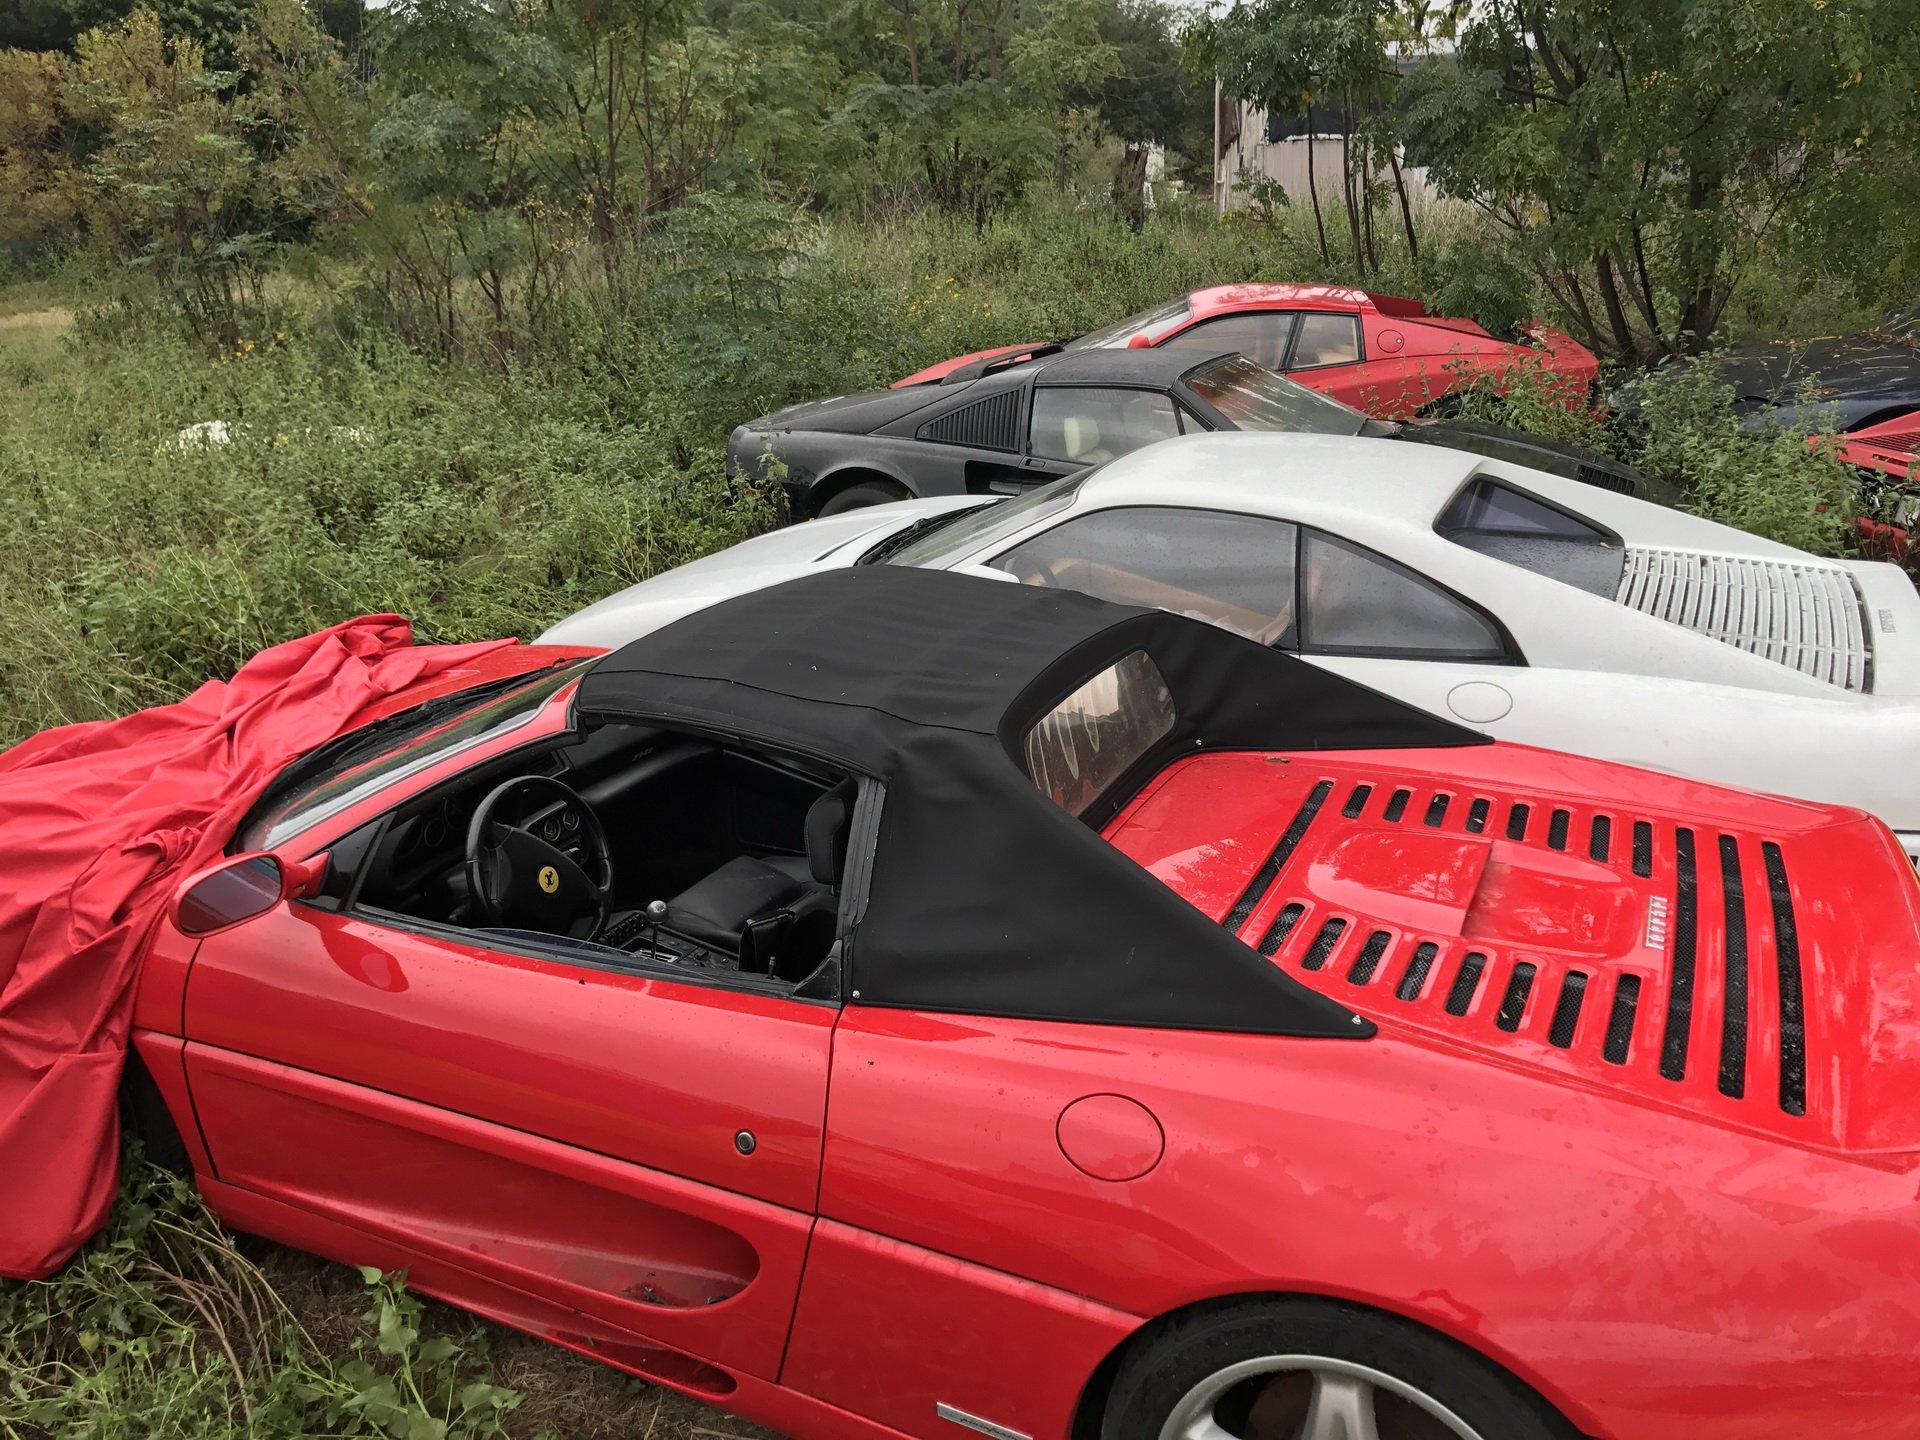 Srceparajuće – 11 Ferrarija trune na polju u Teksasu! (GALERIJA)